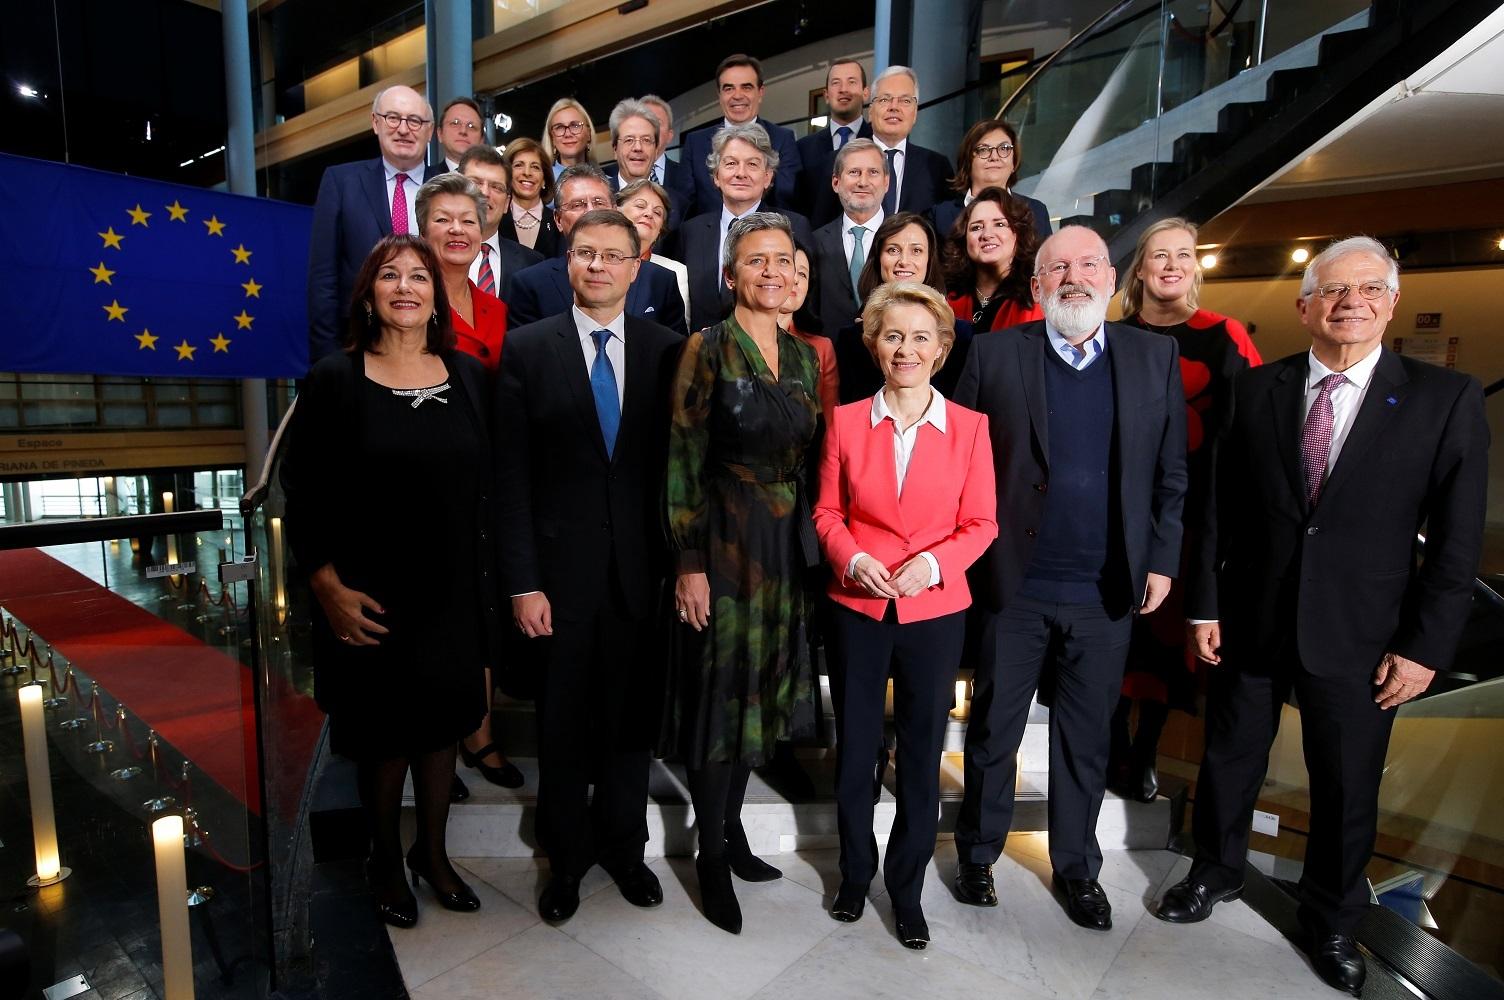 الرئيسة الجديدة للمفوضية الأوروبية، أورسولا فون دير لاين، وأعضاء فريقها